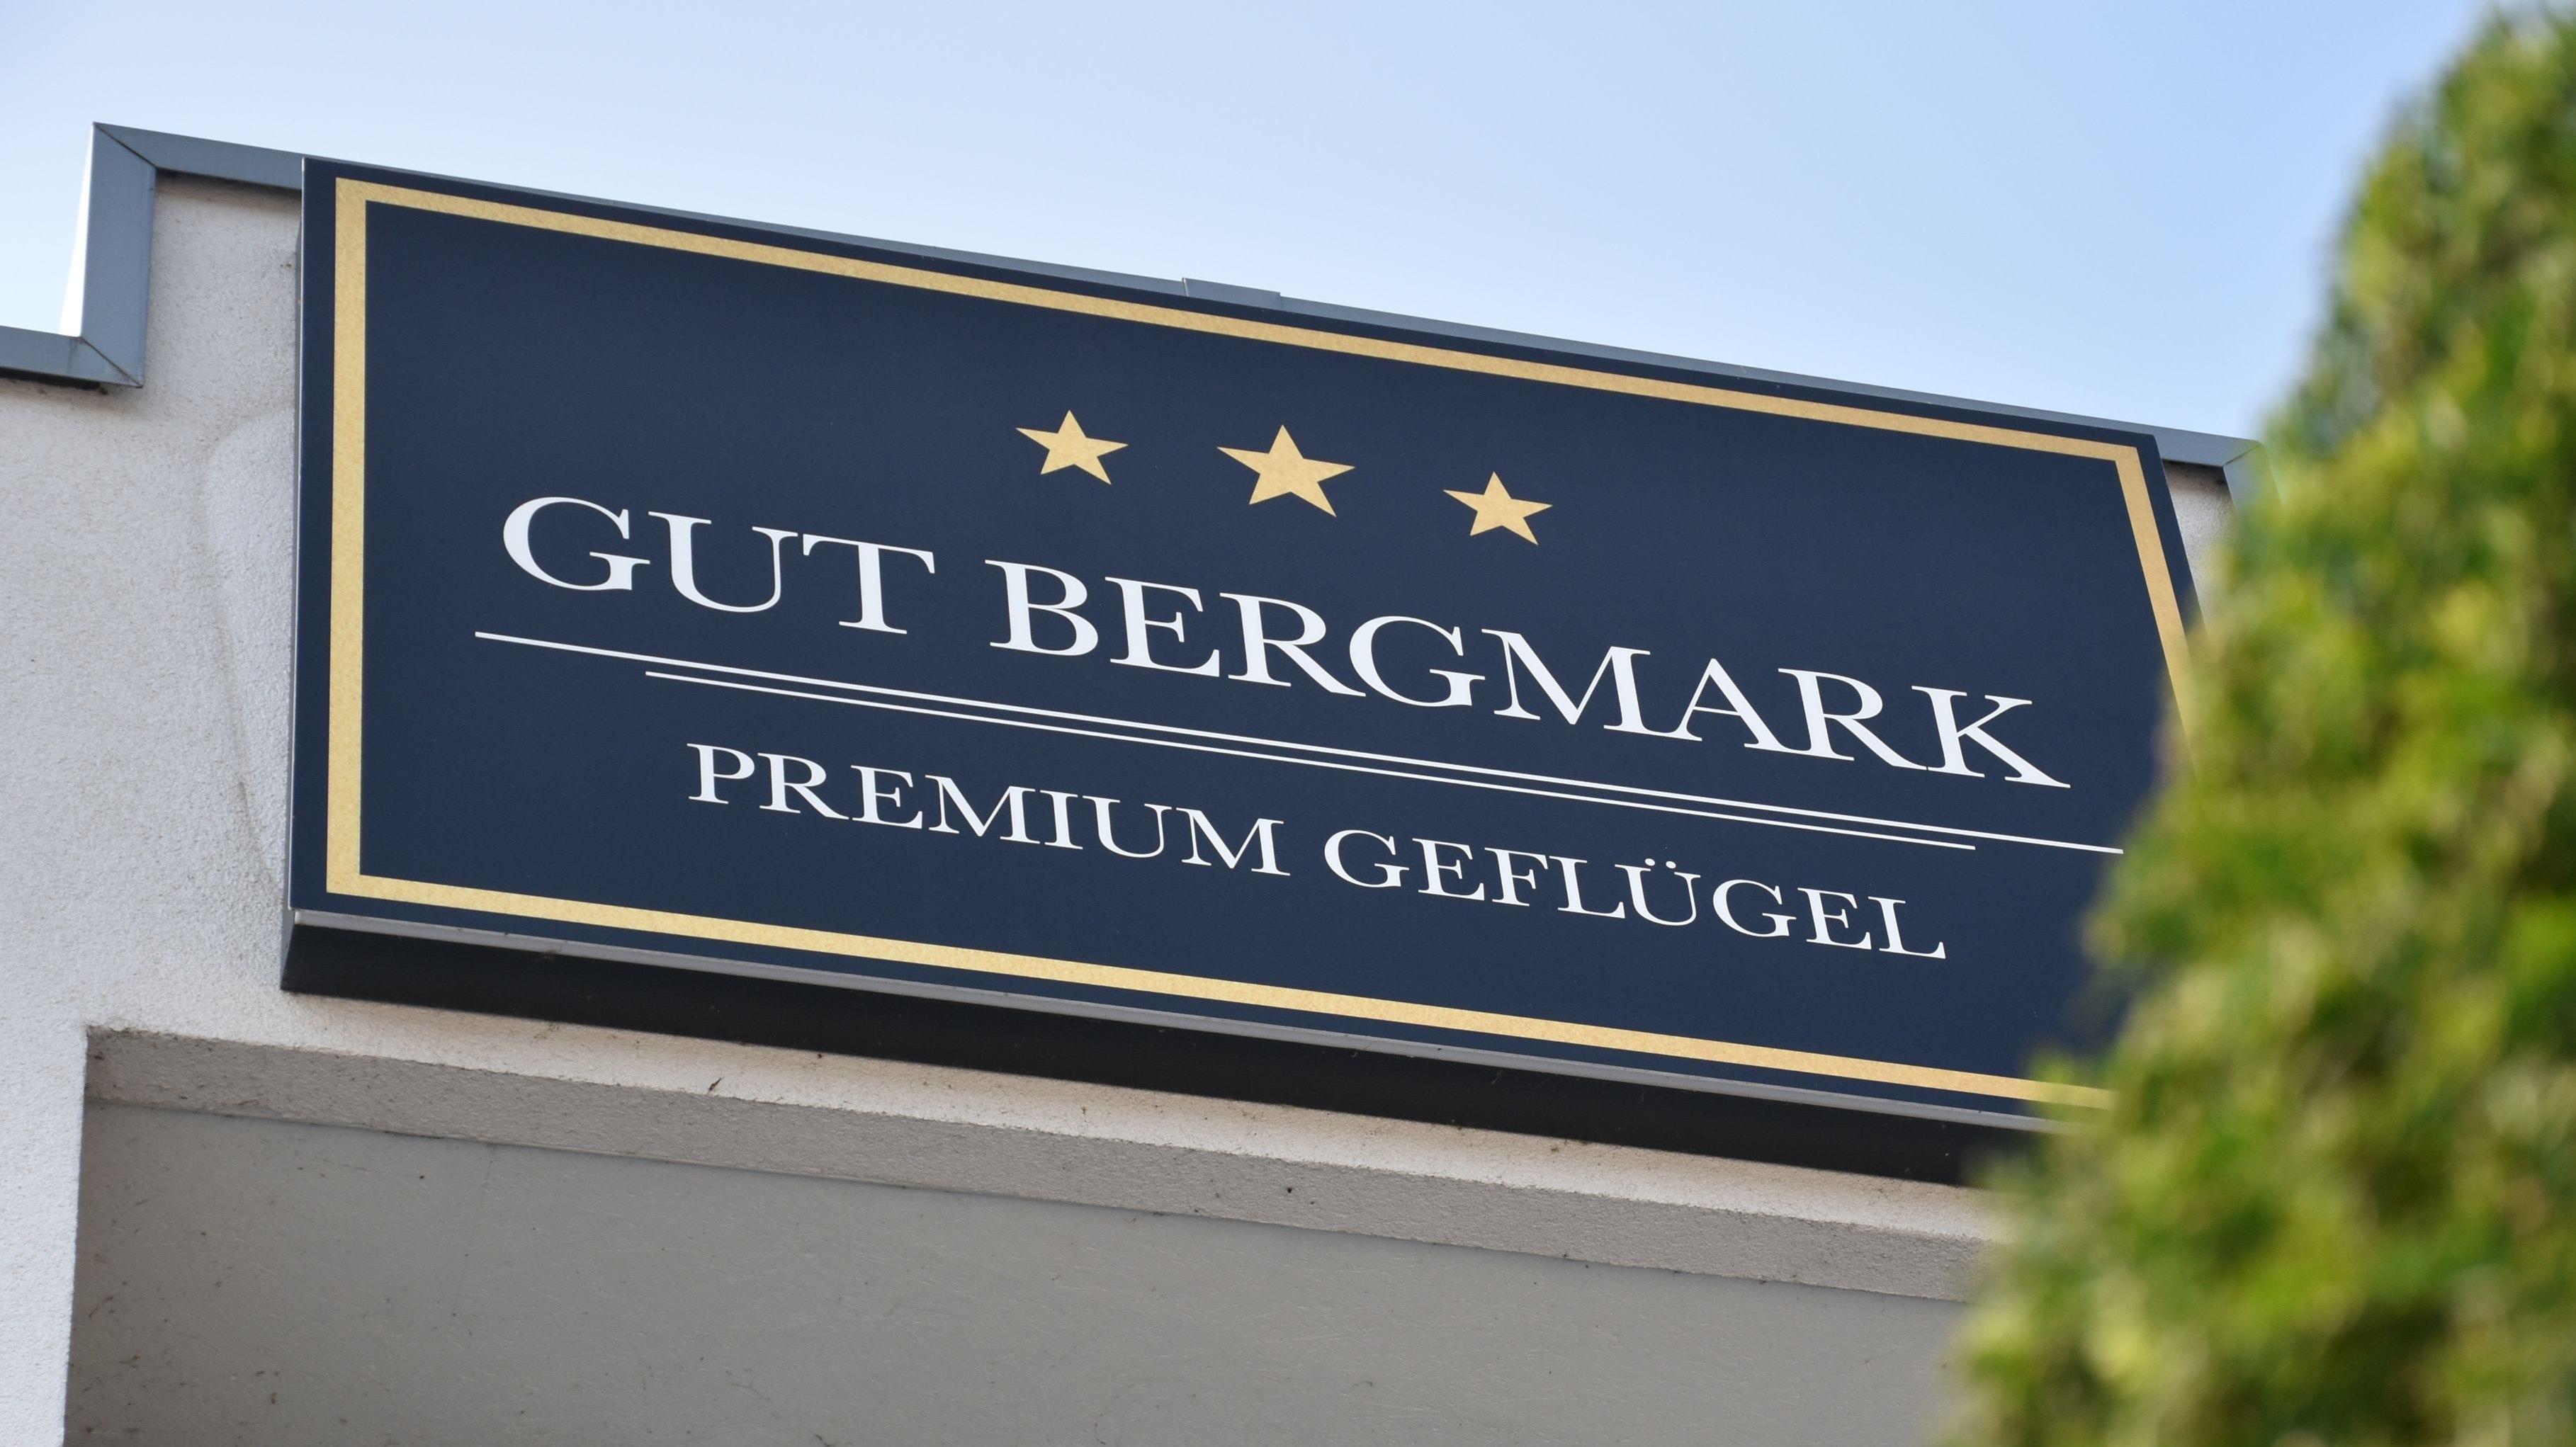 Die Gut Bergmark Premium Geflügel plant den Neubau eines Geflügelschlachthofs in Steinfeld. Foto: Timphaus